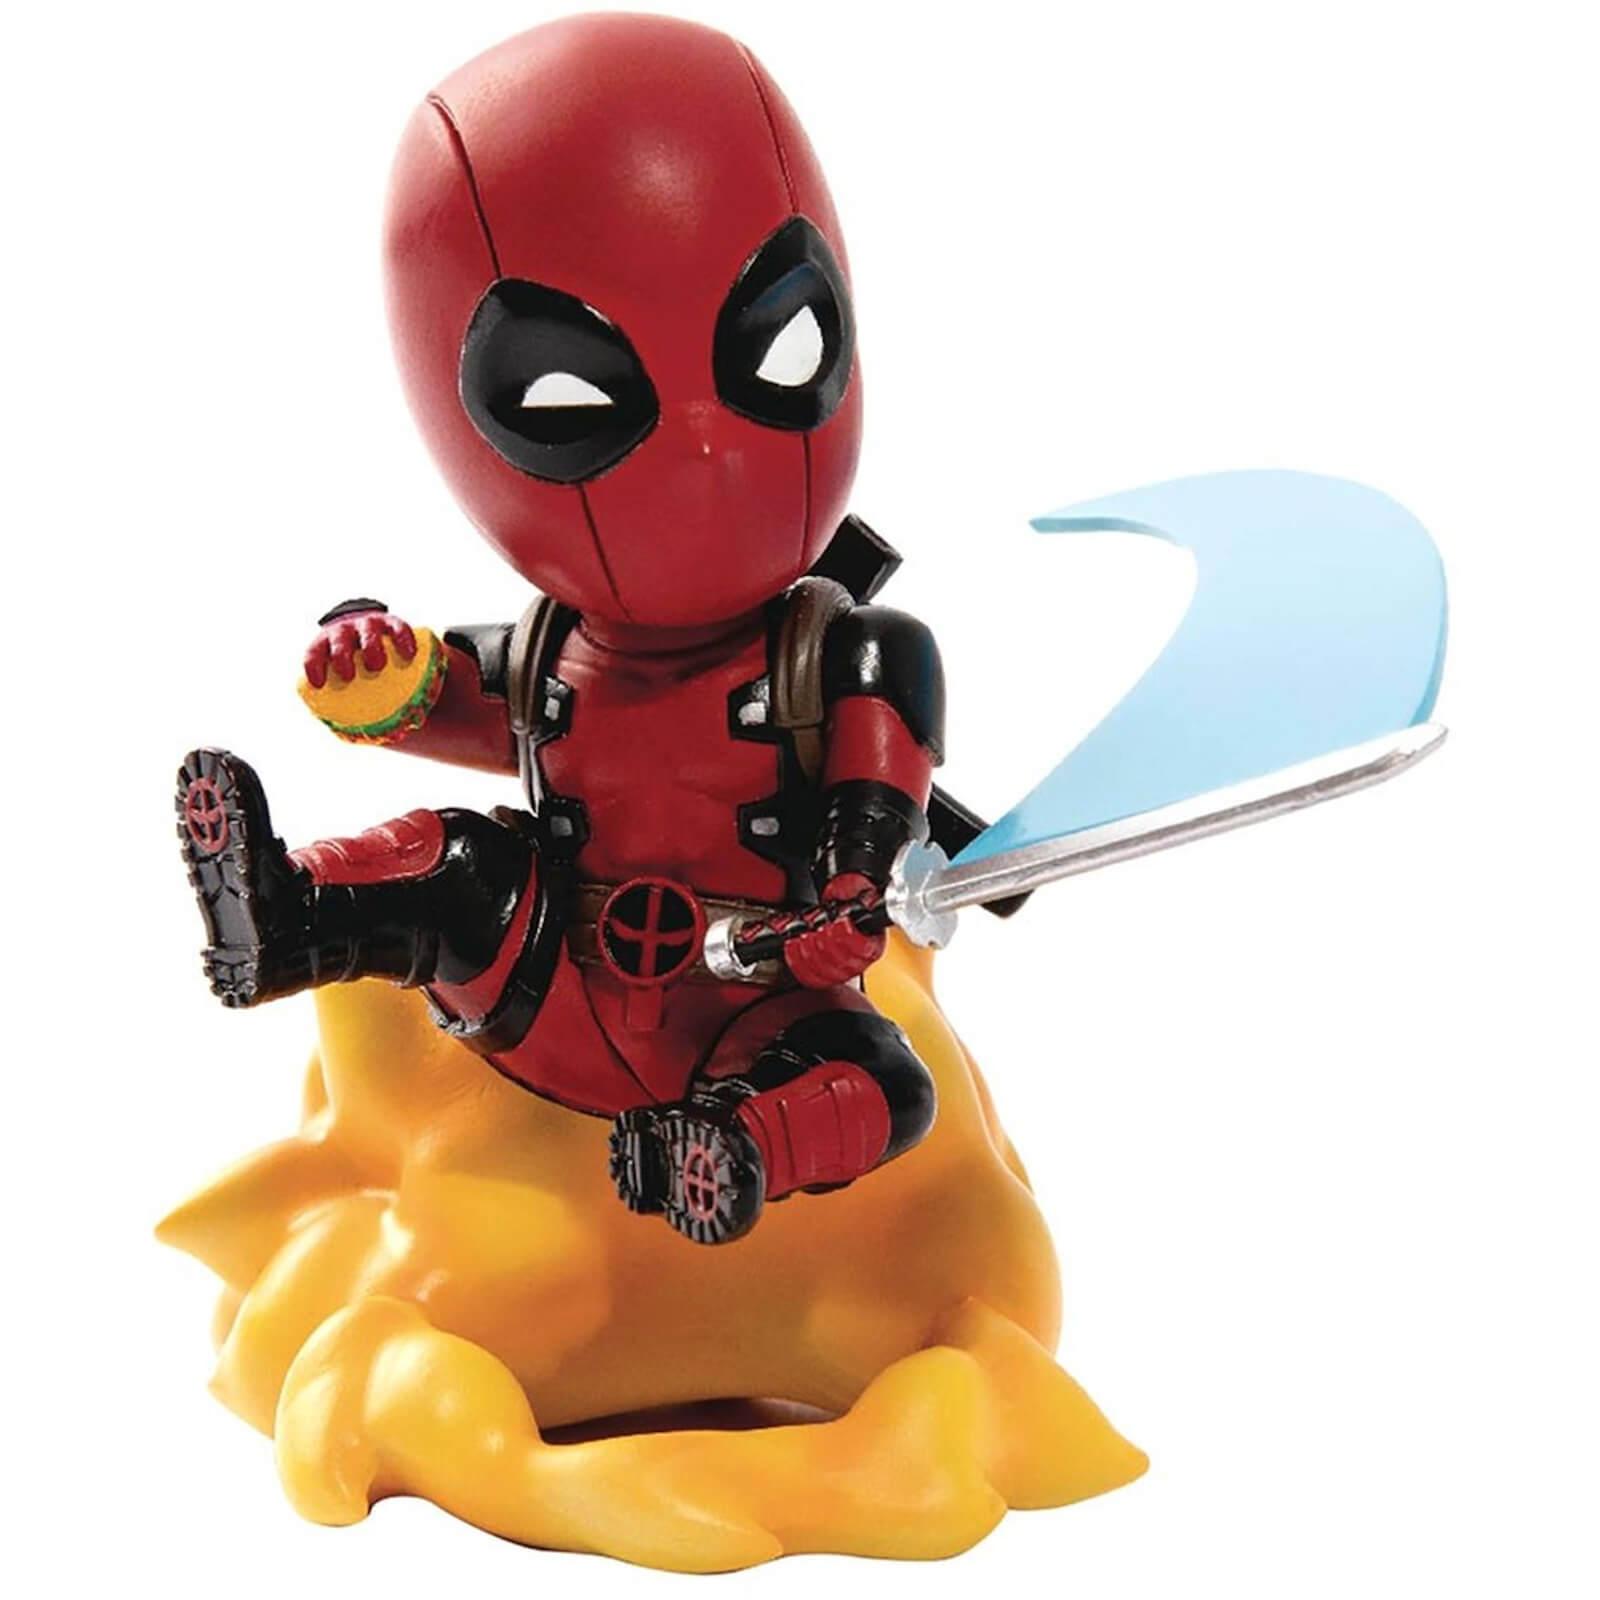 Image of Beast Kingdom Marvel Comics Deadpool Ambush Mini Egg Attack Figure